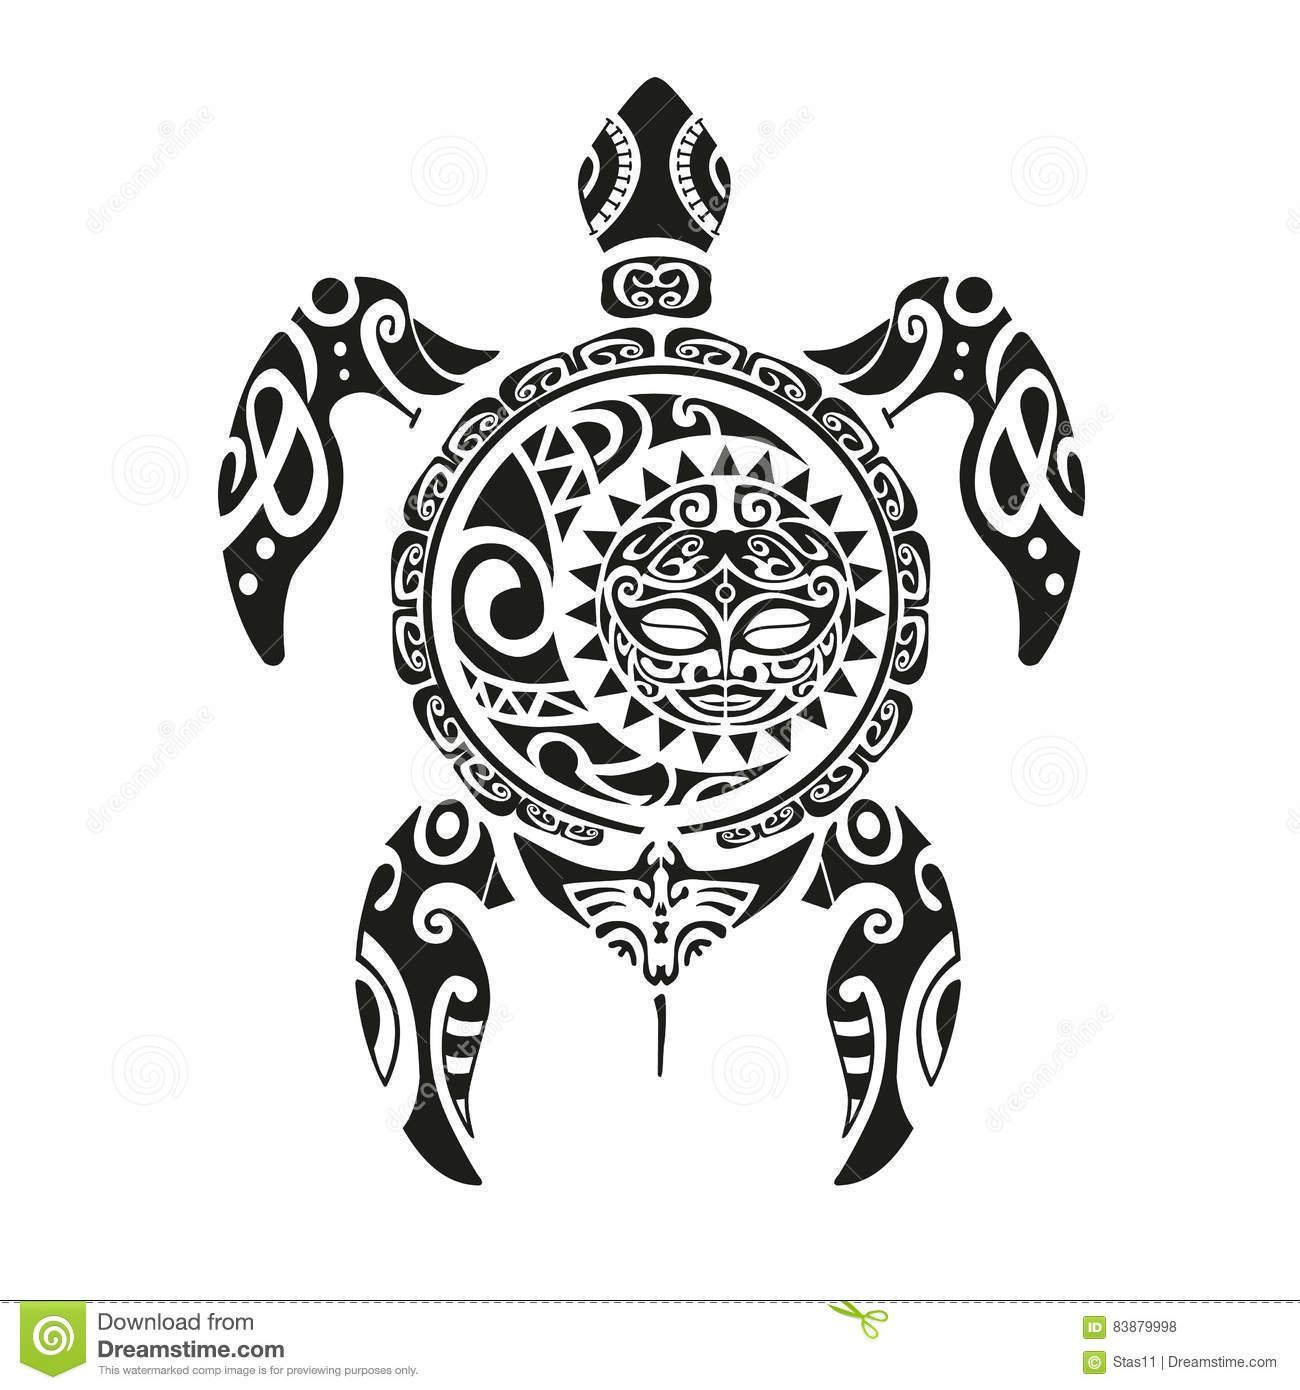 Tatuaje De La Tortuga En Estilo Maorí Ilustración EPS10